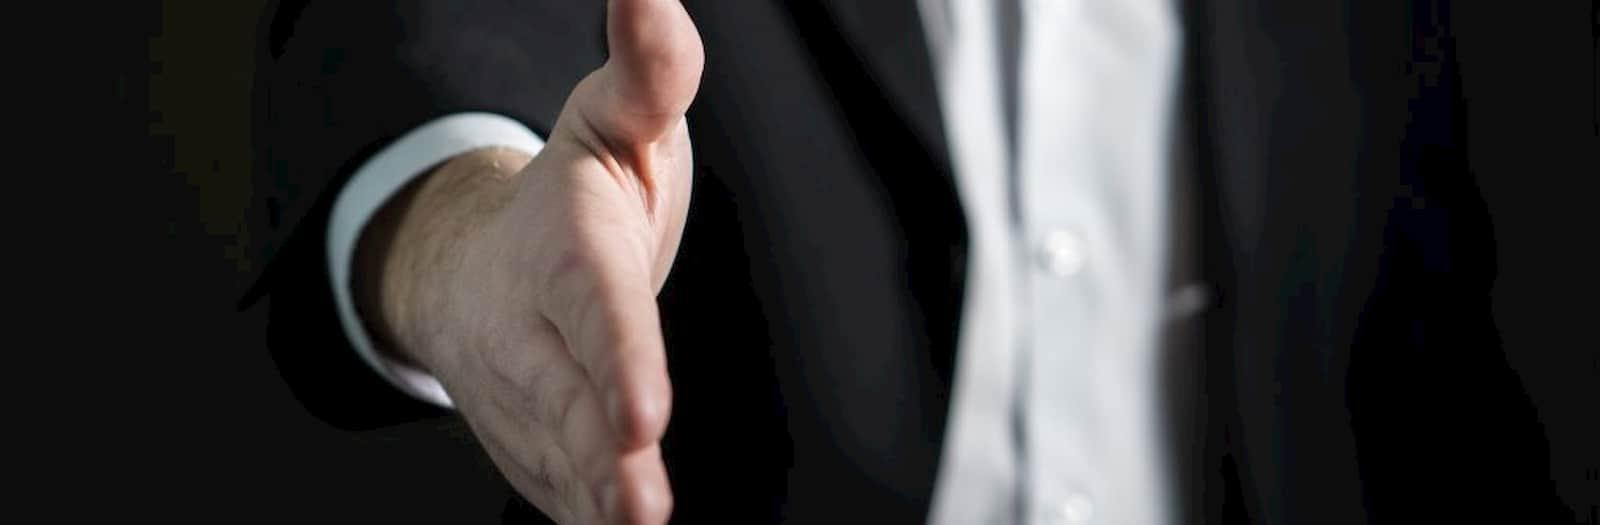 assistenza un uomo vuole stringere la mano